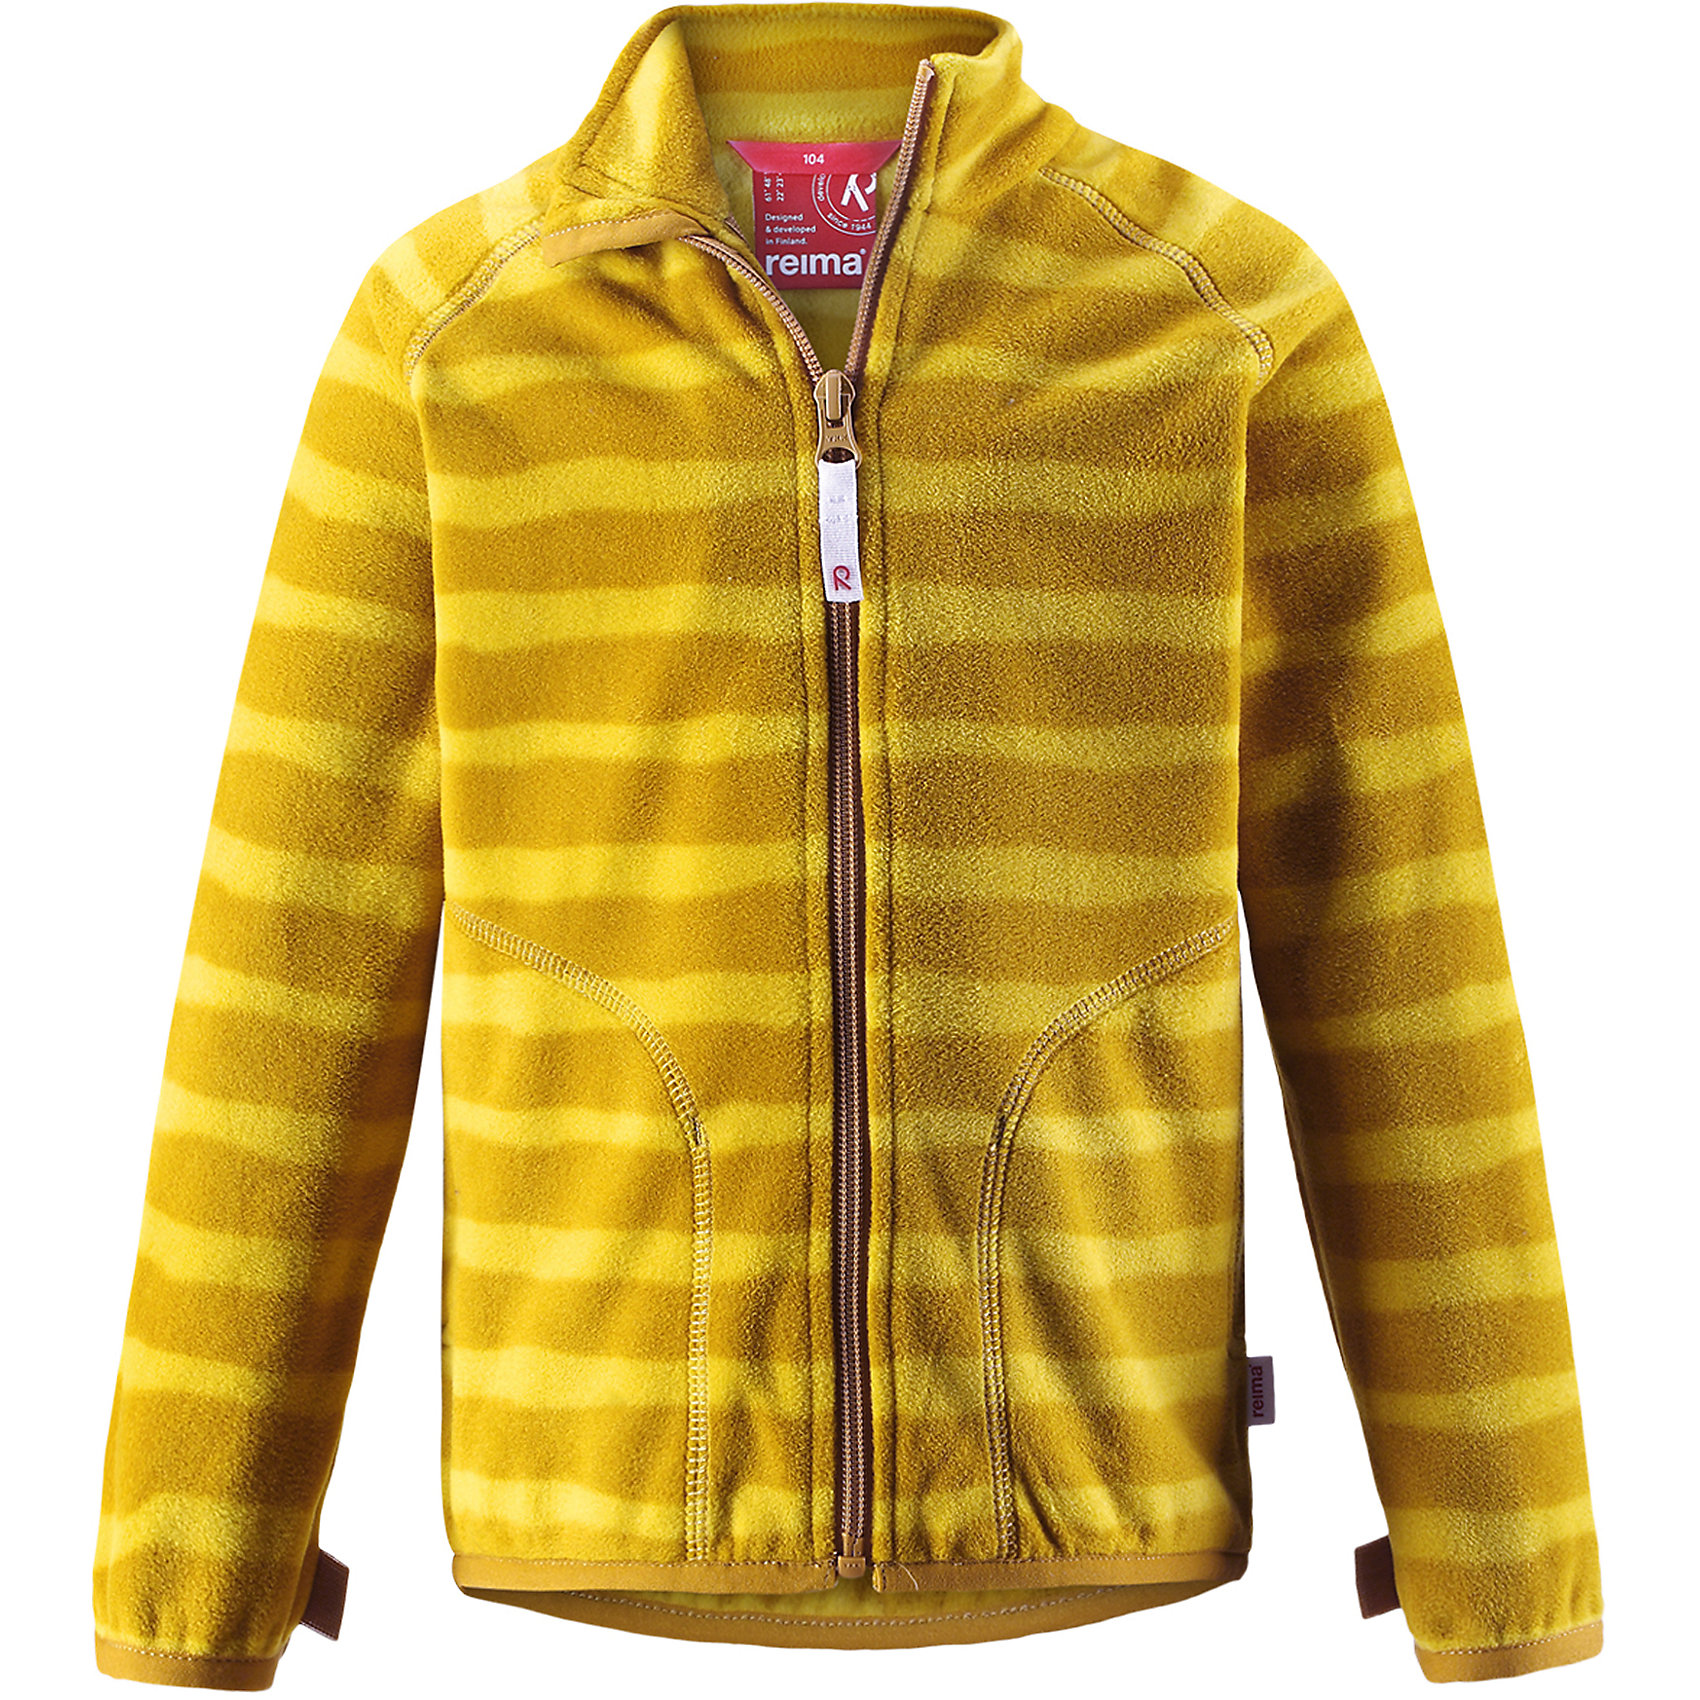 Флисовая кофта Reima SteppeОдежда<br>Характеристики товара:<br><br>• цвет: желтый;<br>• состав: 100% полиэстер;<br>• сезон: зима;<br>• застежка: молния по всей длине с защитой подбородка;<br>• выводит влагу наружу;<br>• теплый, легкий и быстросохнущий флис;<br>• может пристегиваться к верхней одежде Reima® кнопками Play Layers®;<br>• эластичные манжеты и подол;<br>• два боковых кармана;<br>• страна бренда: Финляндия;<br>• страна изготовитель: Китай.<br><br>Супер удобная детская флисовая куртка превосходно послужит в качестве промежуточного слоя в морозные зимние дни – она теплая и очень мягкая на ощупь. Эта куртка изготовлена из легкого полярного флиса, дышащего и быстросохнущего материала. <br><br>Молния во всю длину облегчает надевание, а защита для подбородка не дает поцарапать молнией шею и подбородок. Практичную флисовую куртку легко можно пристегнуть к любой верхней одежде Reima®, оснащенной системой кнопок Play Layers®. Два боковых кармана и украшение в виде яркого рисунка.<br><br>Флисовая кофта Reima Steppe от финского бренда Reima (Рейма) можно купить в нашем интернет-магазине.<br><br>Ширина мм: 190<br>Глубина мм: 74<br>Высота мм: 229<br>Вес г: 236<br>Цвет: желтый<br>Возраст от месяцев: 18<br>Возраст до месяцев: 24<br>Пол: Унисекс<br>Возраст: Детский<br>Размер: 92,98,104,110,116,122,128,134,140<br>SKU: 6901949